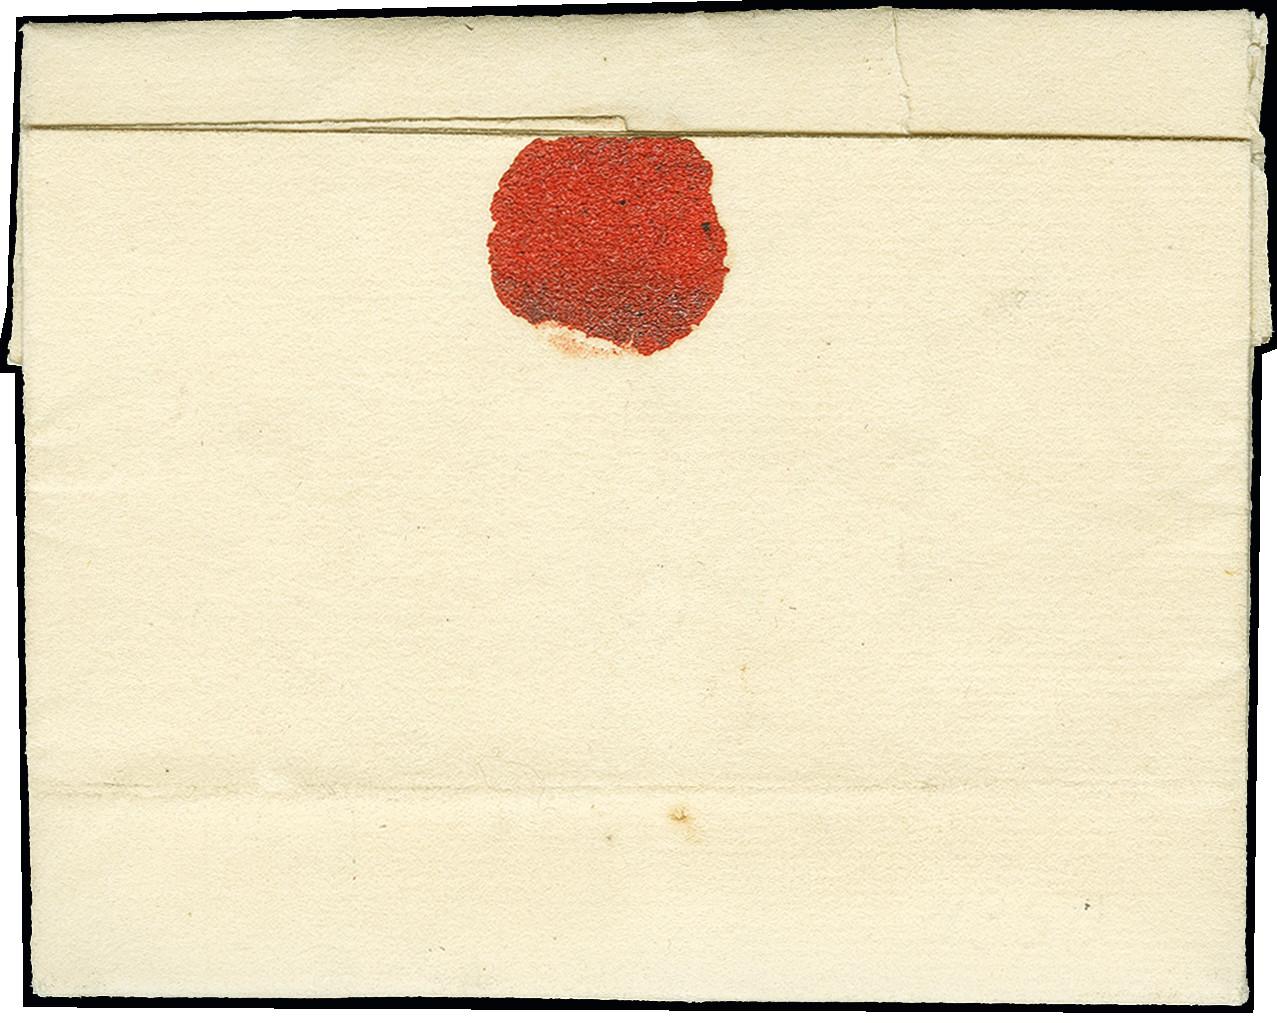 Lot 211 - europe Belgium -  Heinrich Koehler Auktionen Auction #368- Day 1